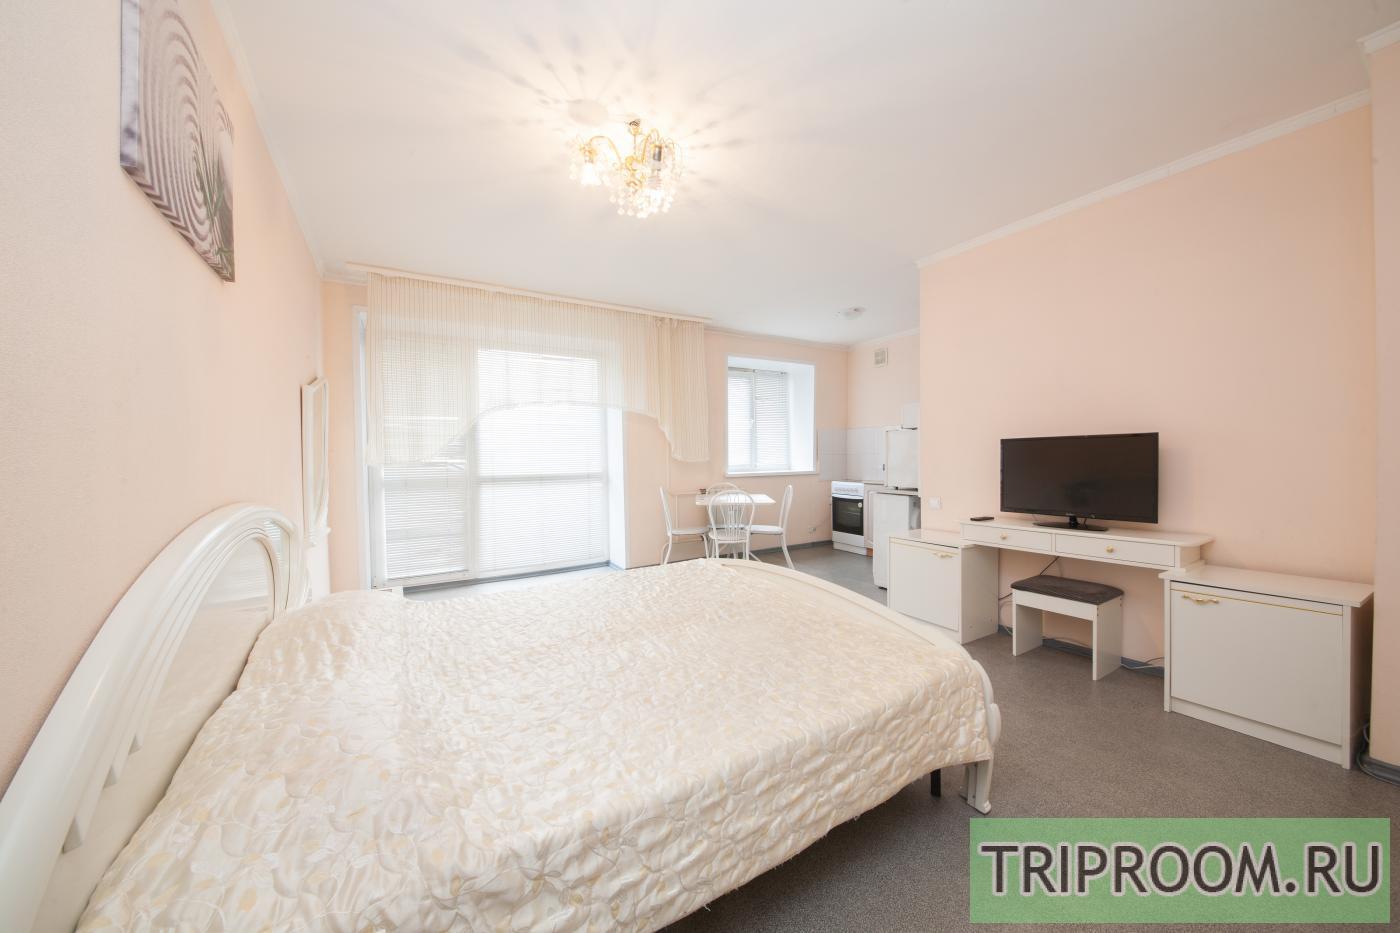 1-комнатная квартира посуточно (вариант № 16060), ул. Красной Армии, фото № 4